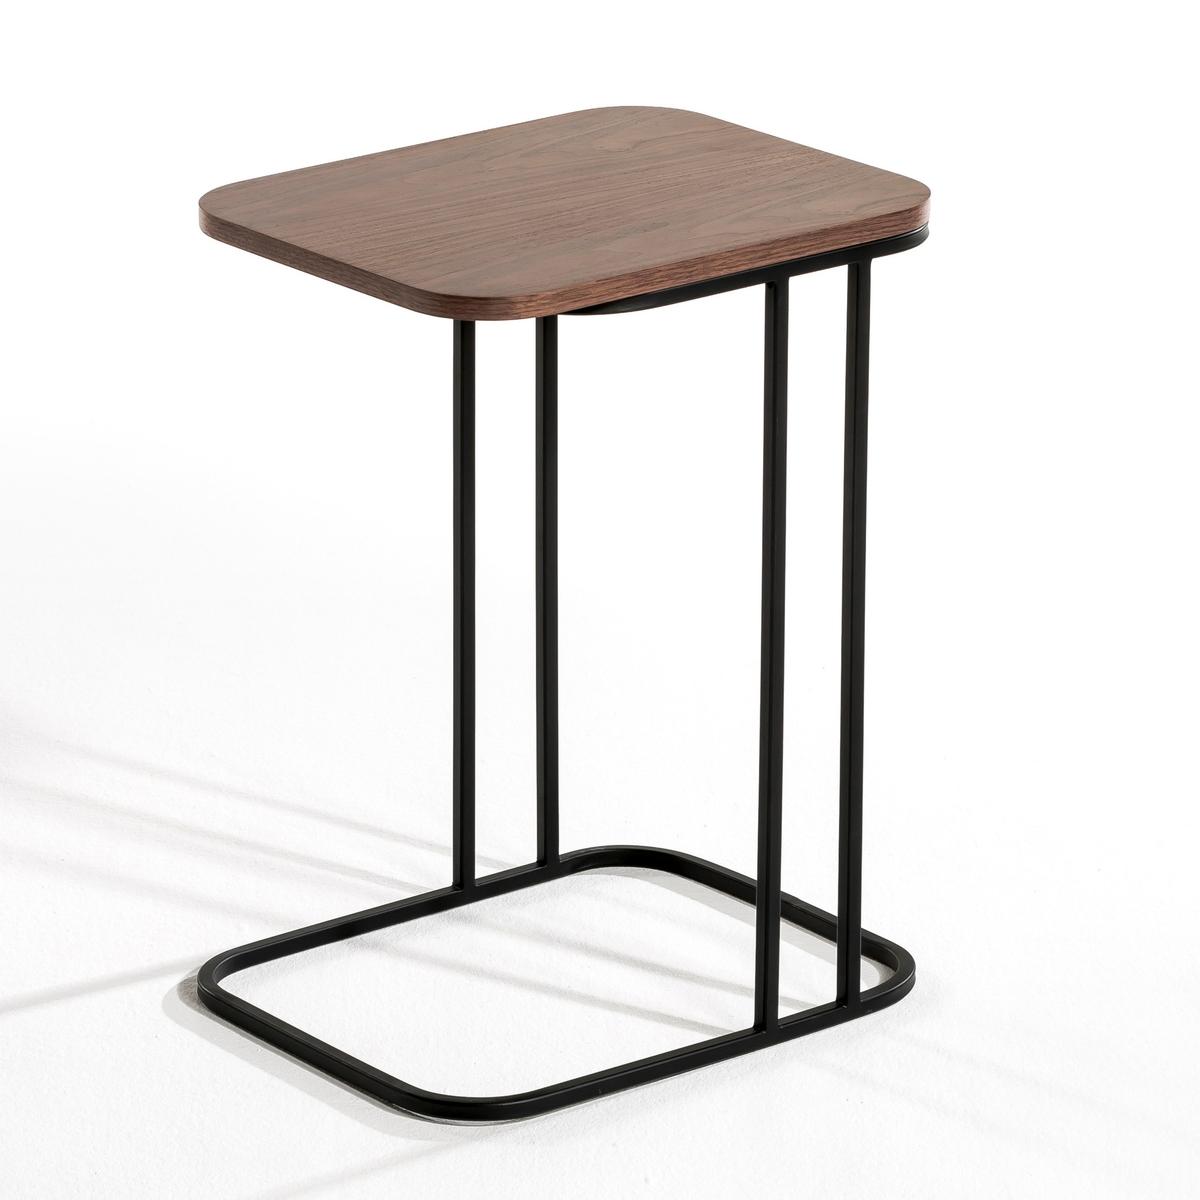 Столик Trebor, по дизайну Э .ГаллинаЭтот диванный (или сервировочный) столик входит в кочующие, многофункциональные элементы мебели и сочетается с диванами Harold, которые продаются на нашем сайте .Характеристики: :- Каркас из металла с эпоксидным покрытием - Столешница из МДФ шпона дуба с ПУ-лакировкой  Размеры :-.40 x.32 x.54 см.Размеры и вес ящика :.47 x .61 x .39 см, 8 кг.Этот артикул получил знак качества VIA 2015 (валоризация инноваций в меблировке).<br><br>Цвет: ореховый<br>Размер: единый размер